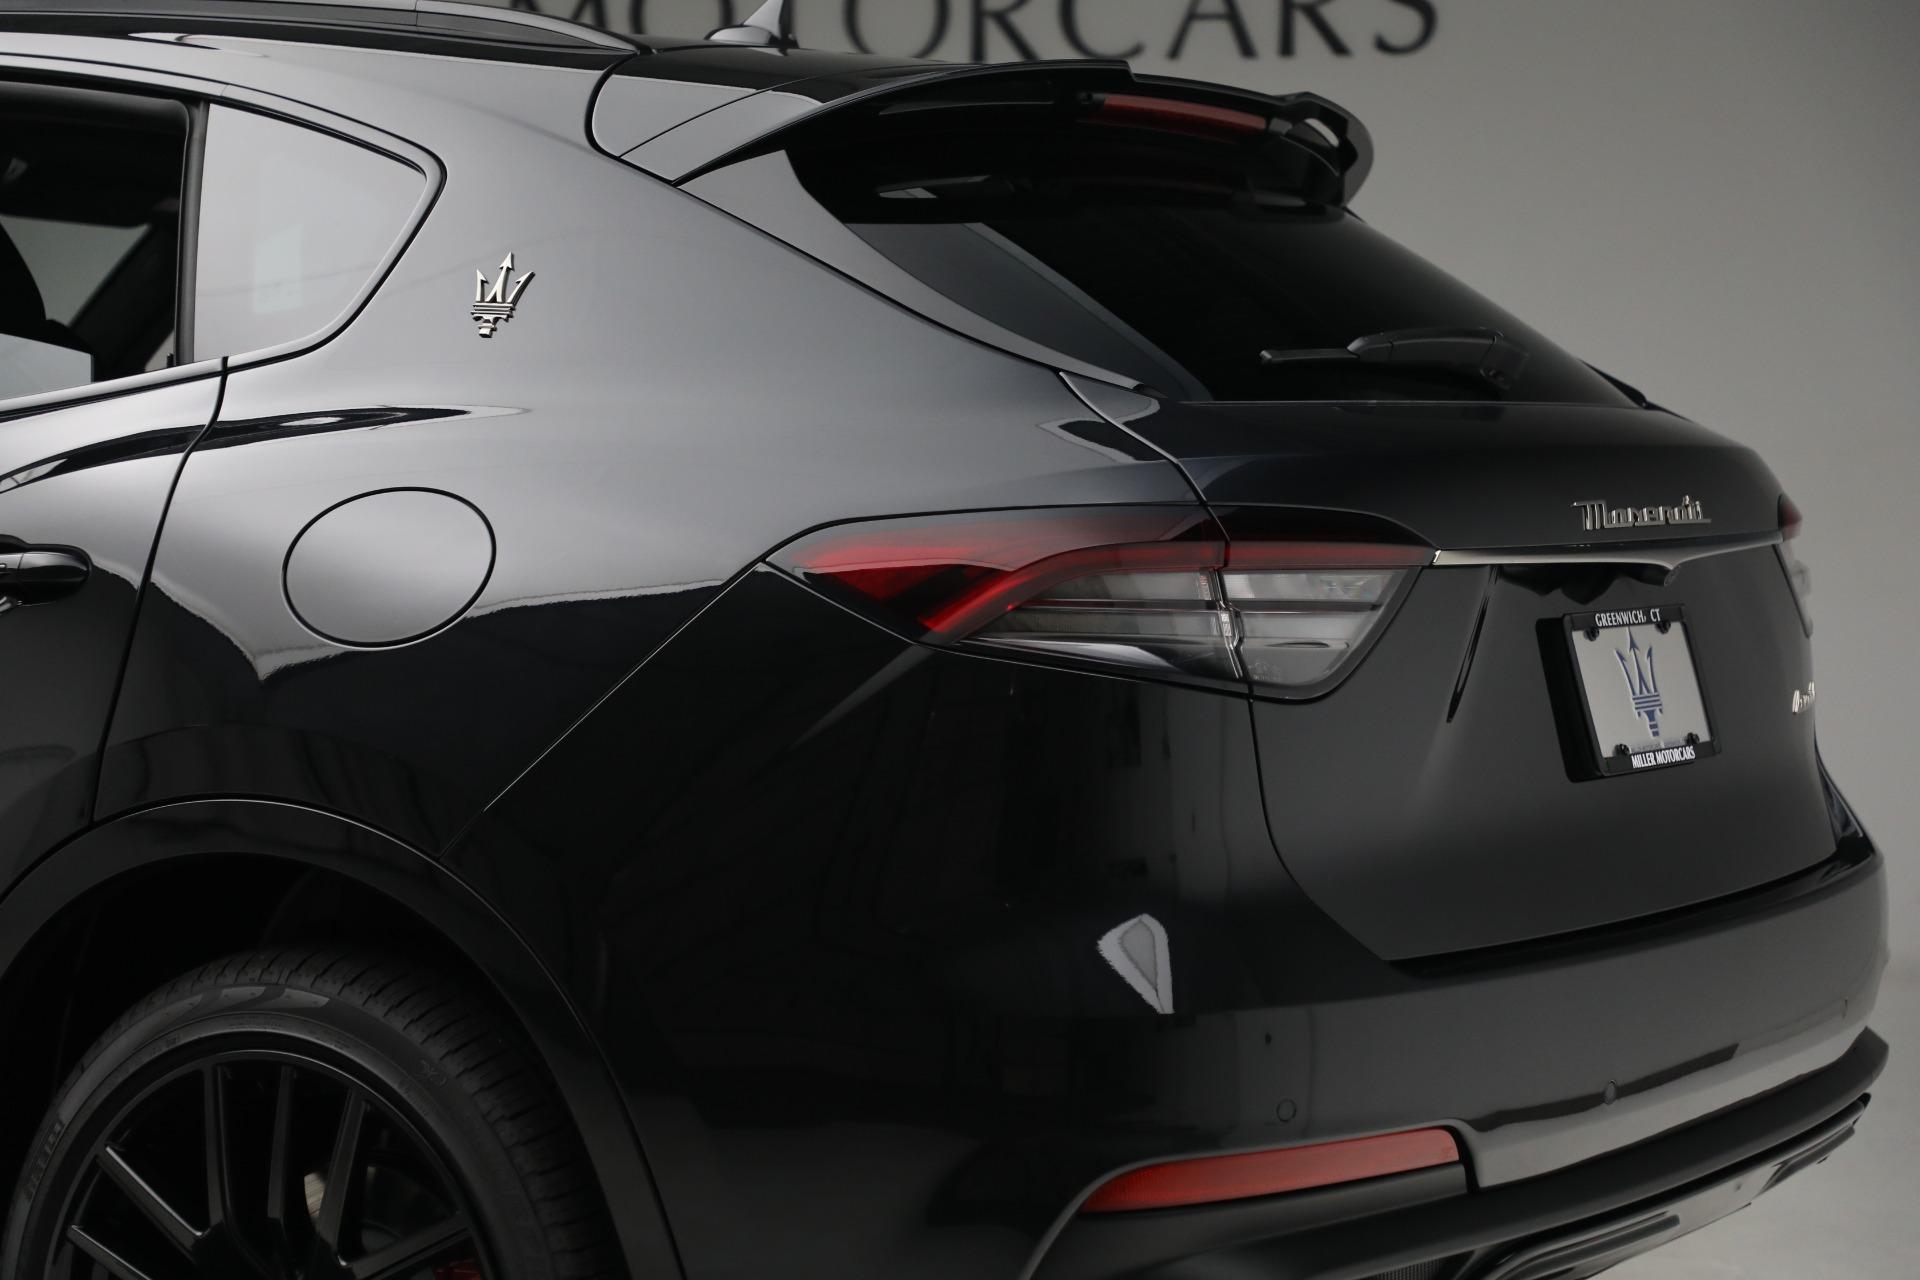 New 2022 Maserati Levante GT